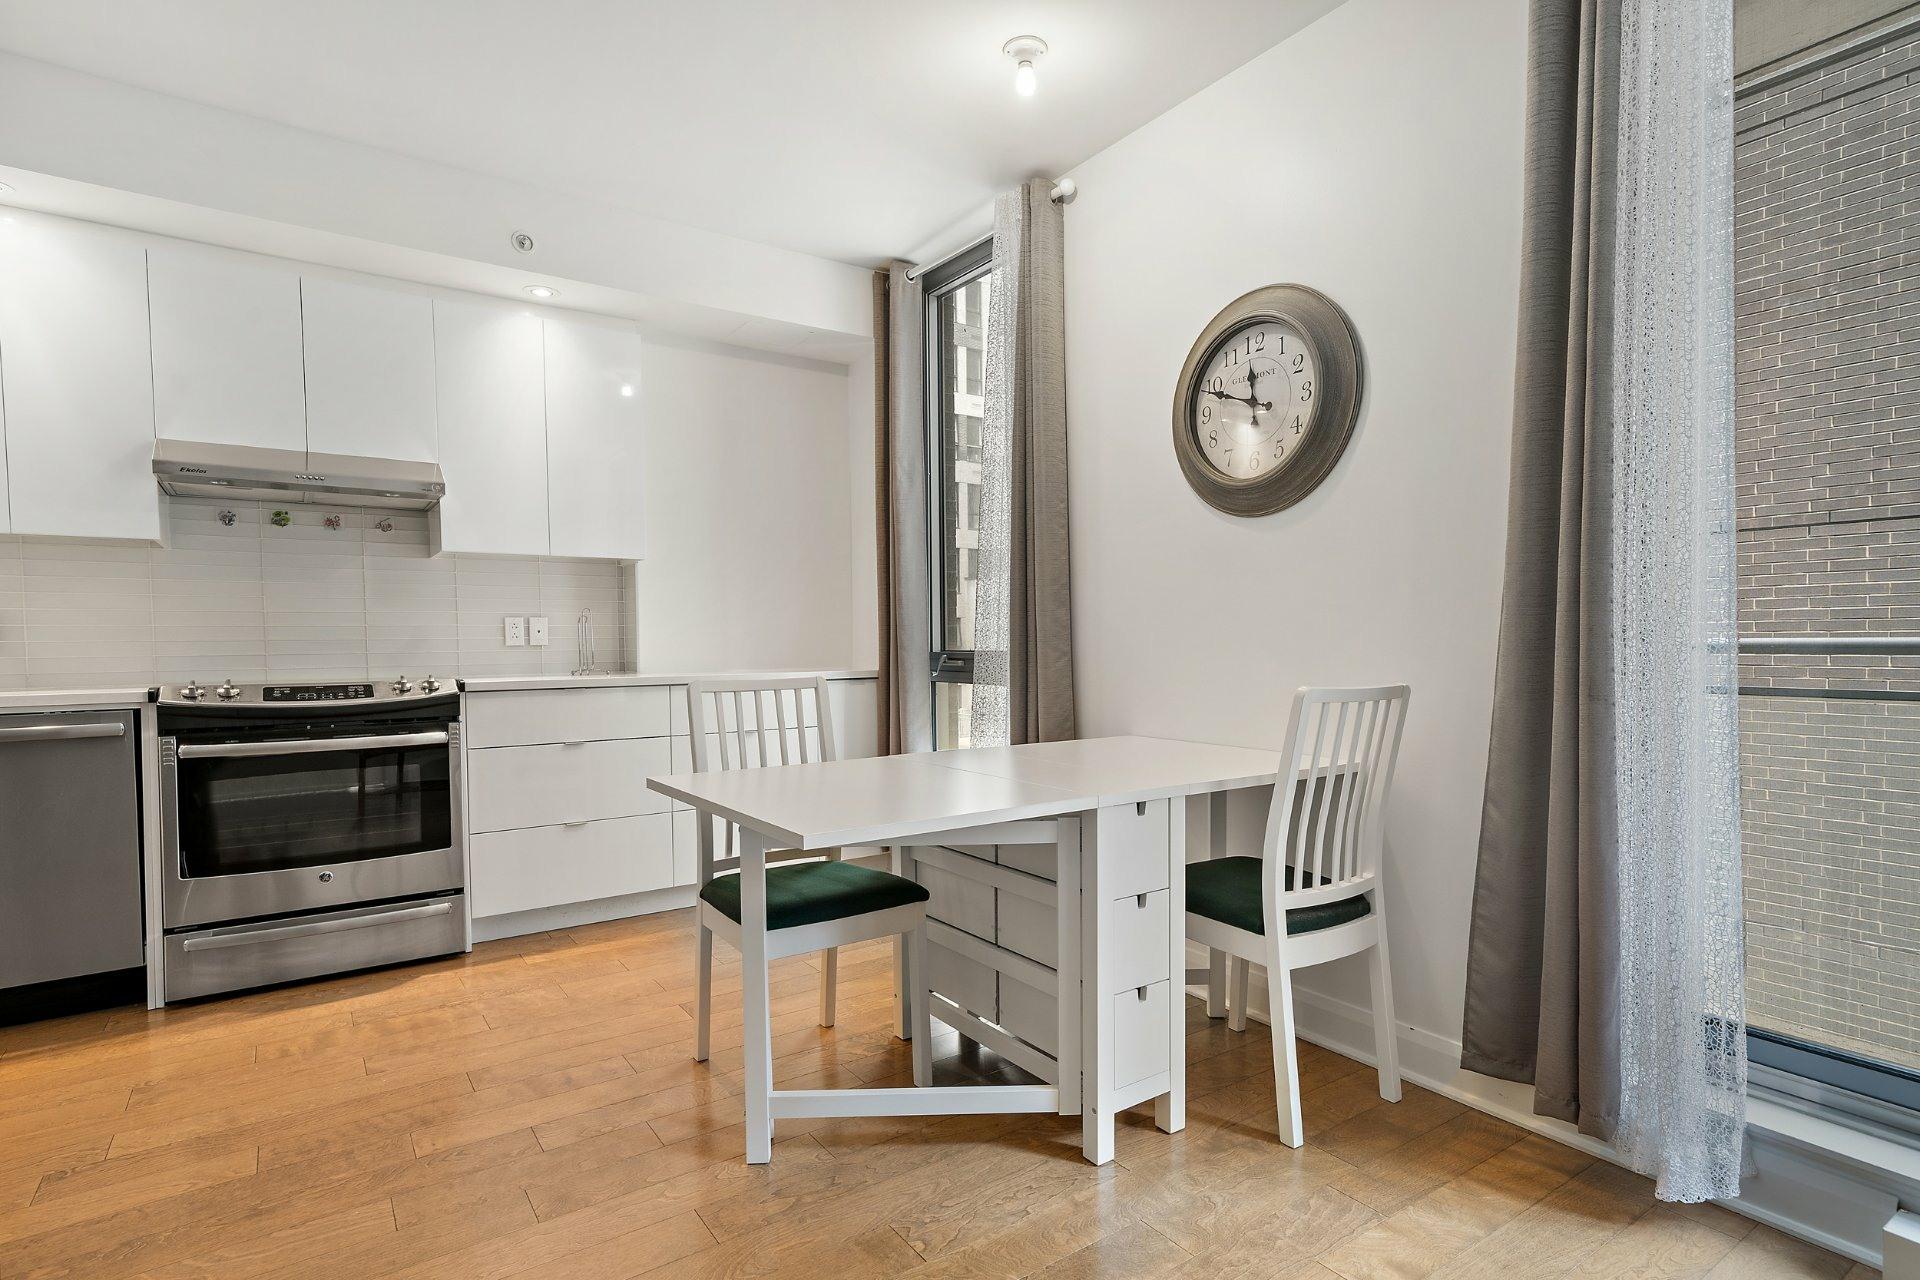 image 7 - Appartement À vendre Ville-Marie Montréal  - 3 pièces